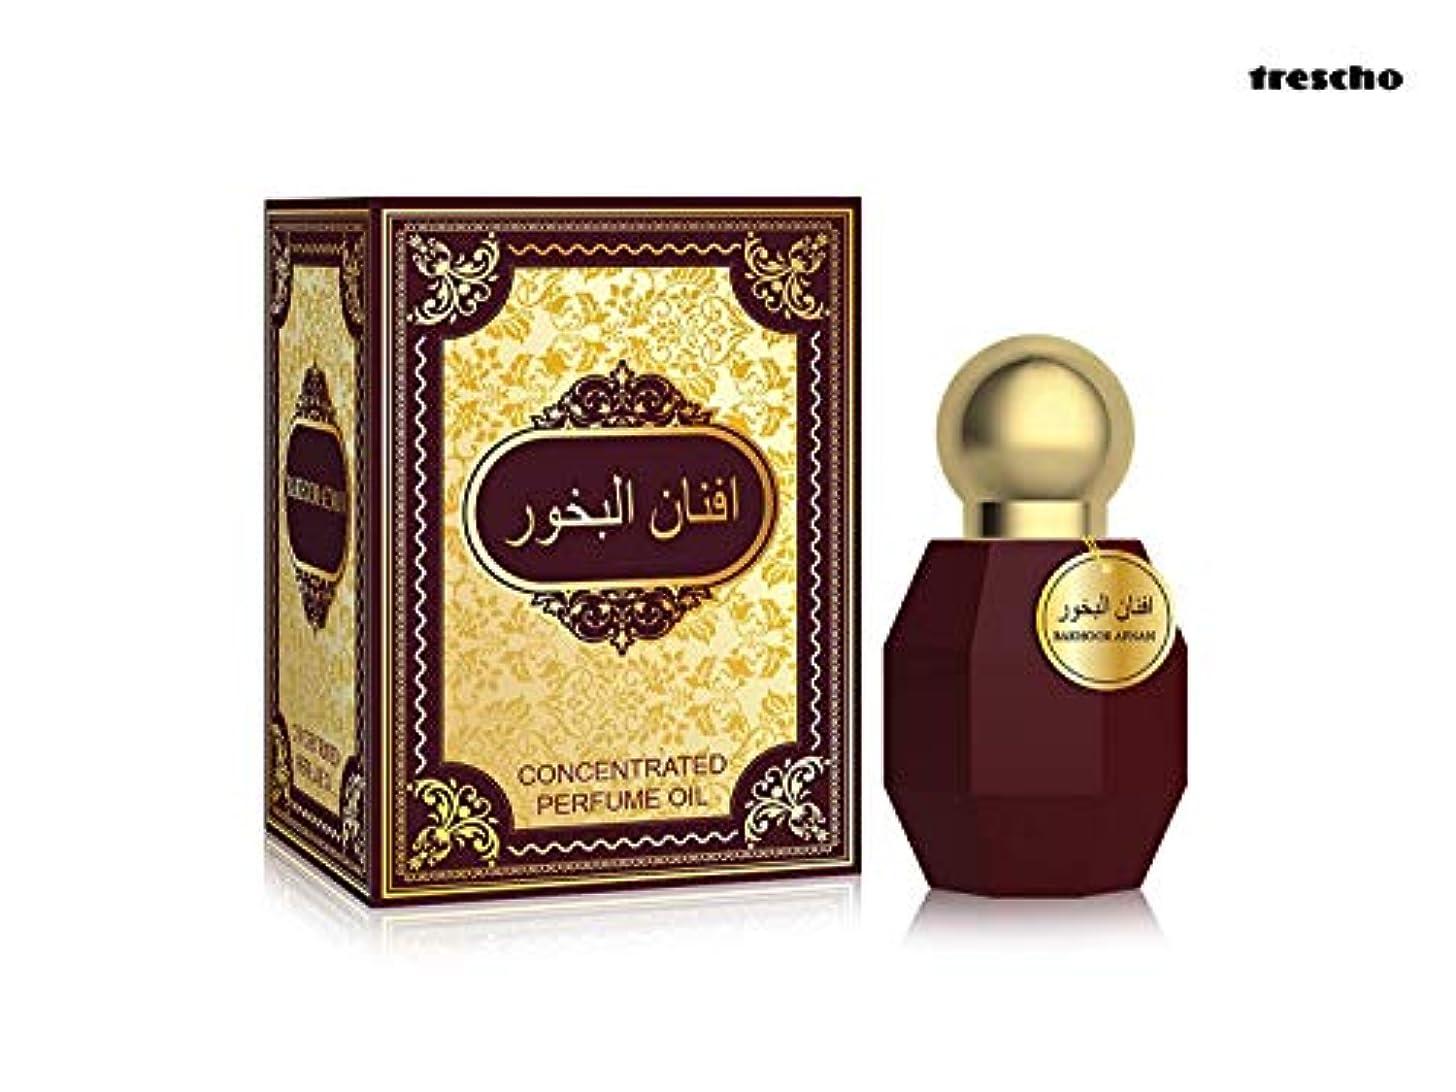 ダーツ嫌なクッション香水Bakhoor Afnanアター(Ittar)で20ミリリットルロール|アターITRA最高品質の香水長持ちアタースプレー